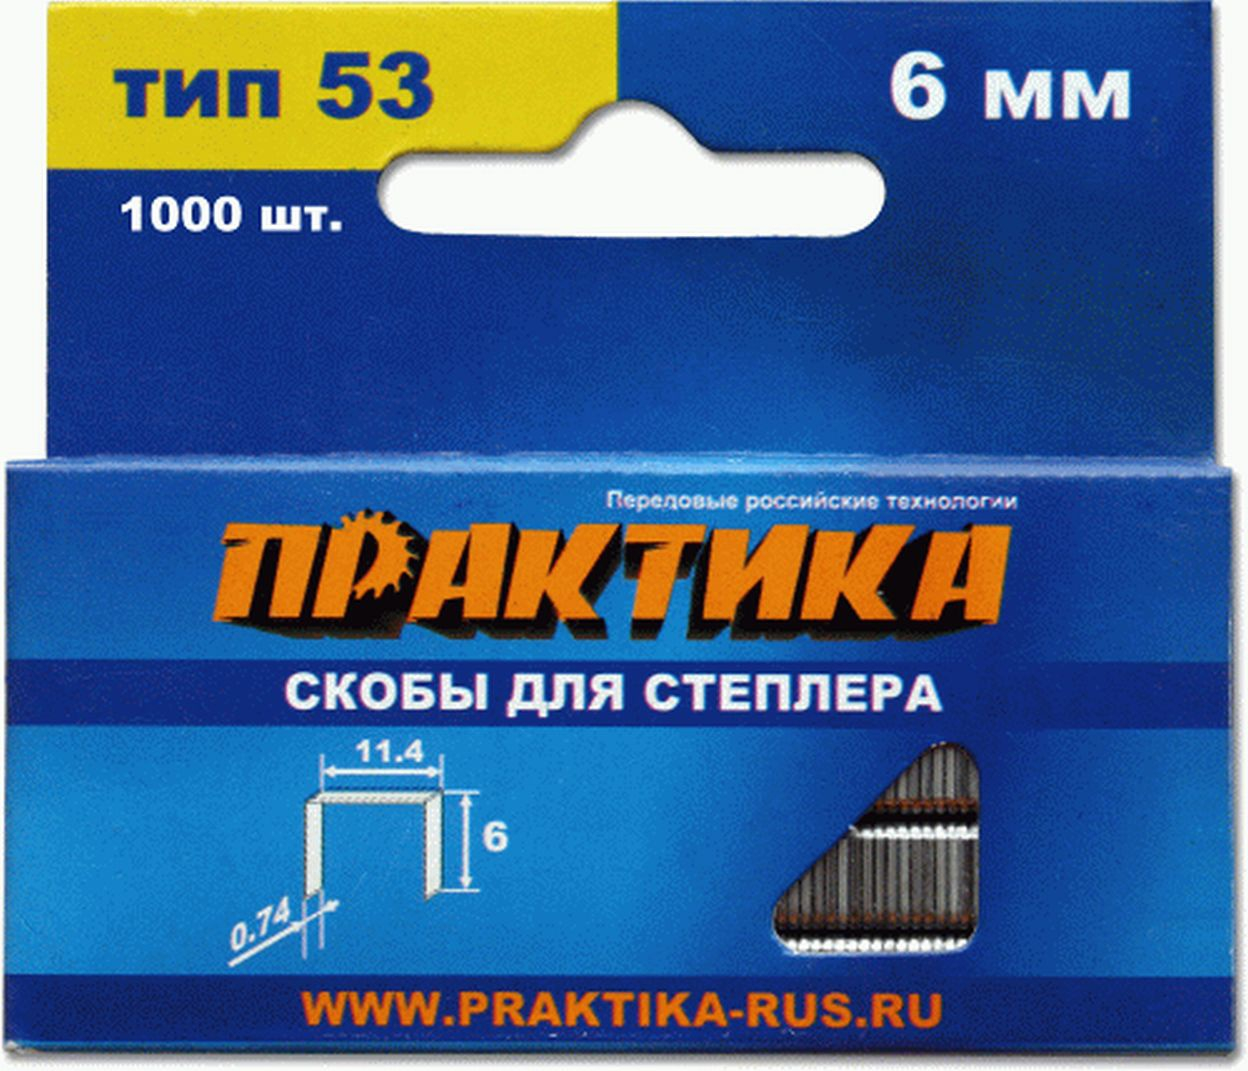 Расходные материалы Скобы для степлера Практика 6мм прокат, аренда Москва